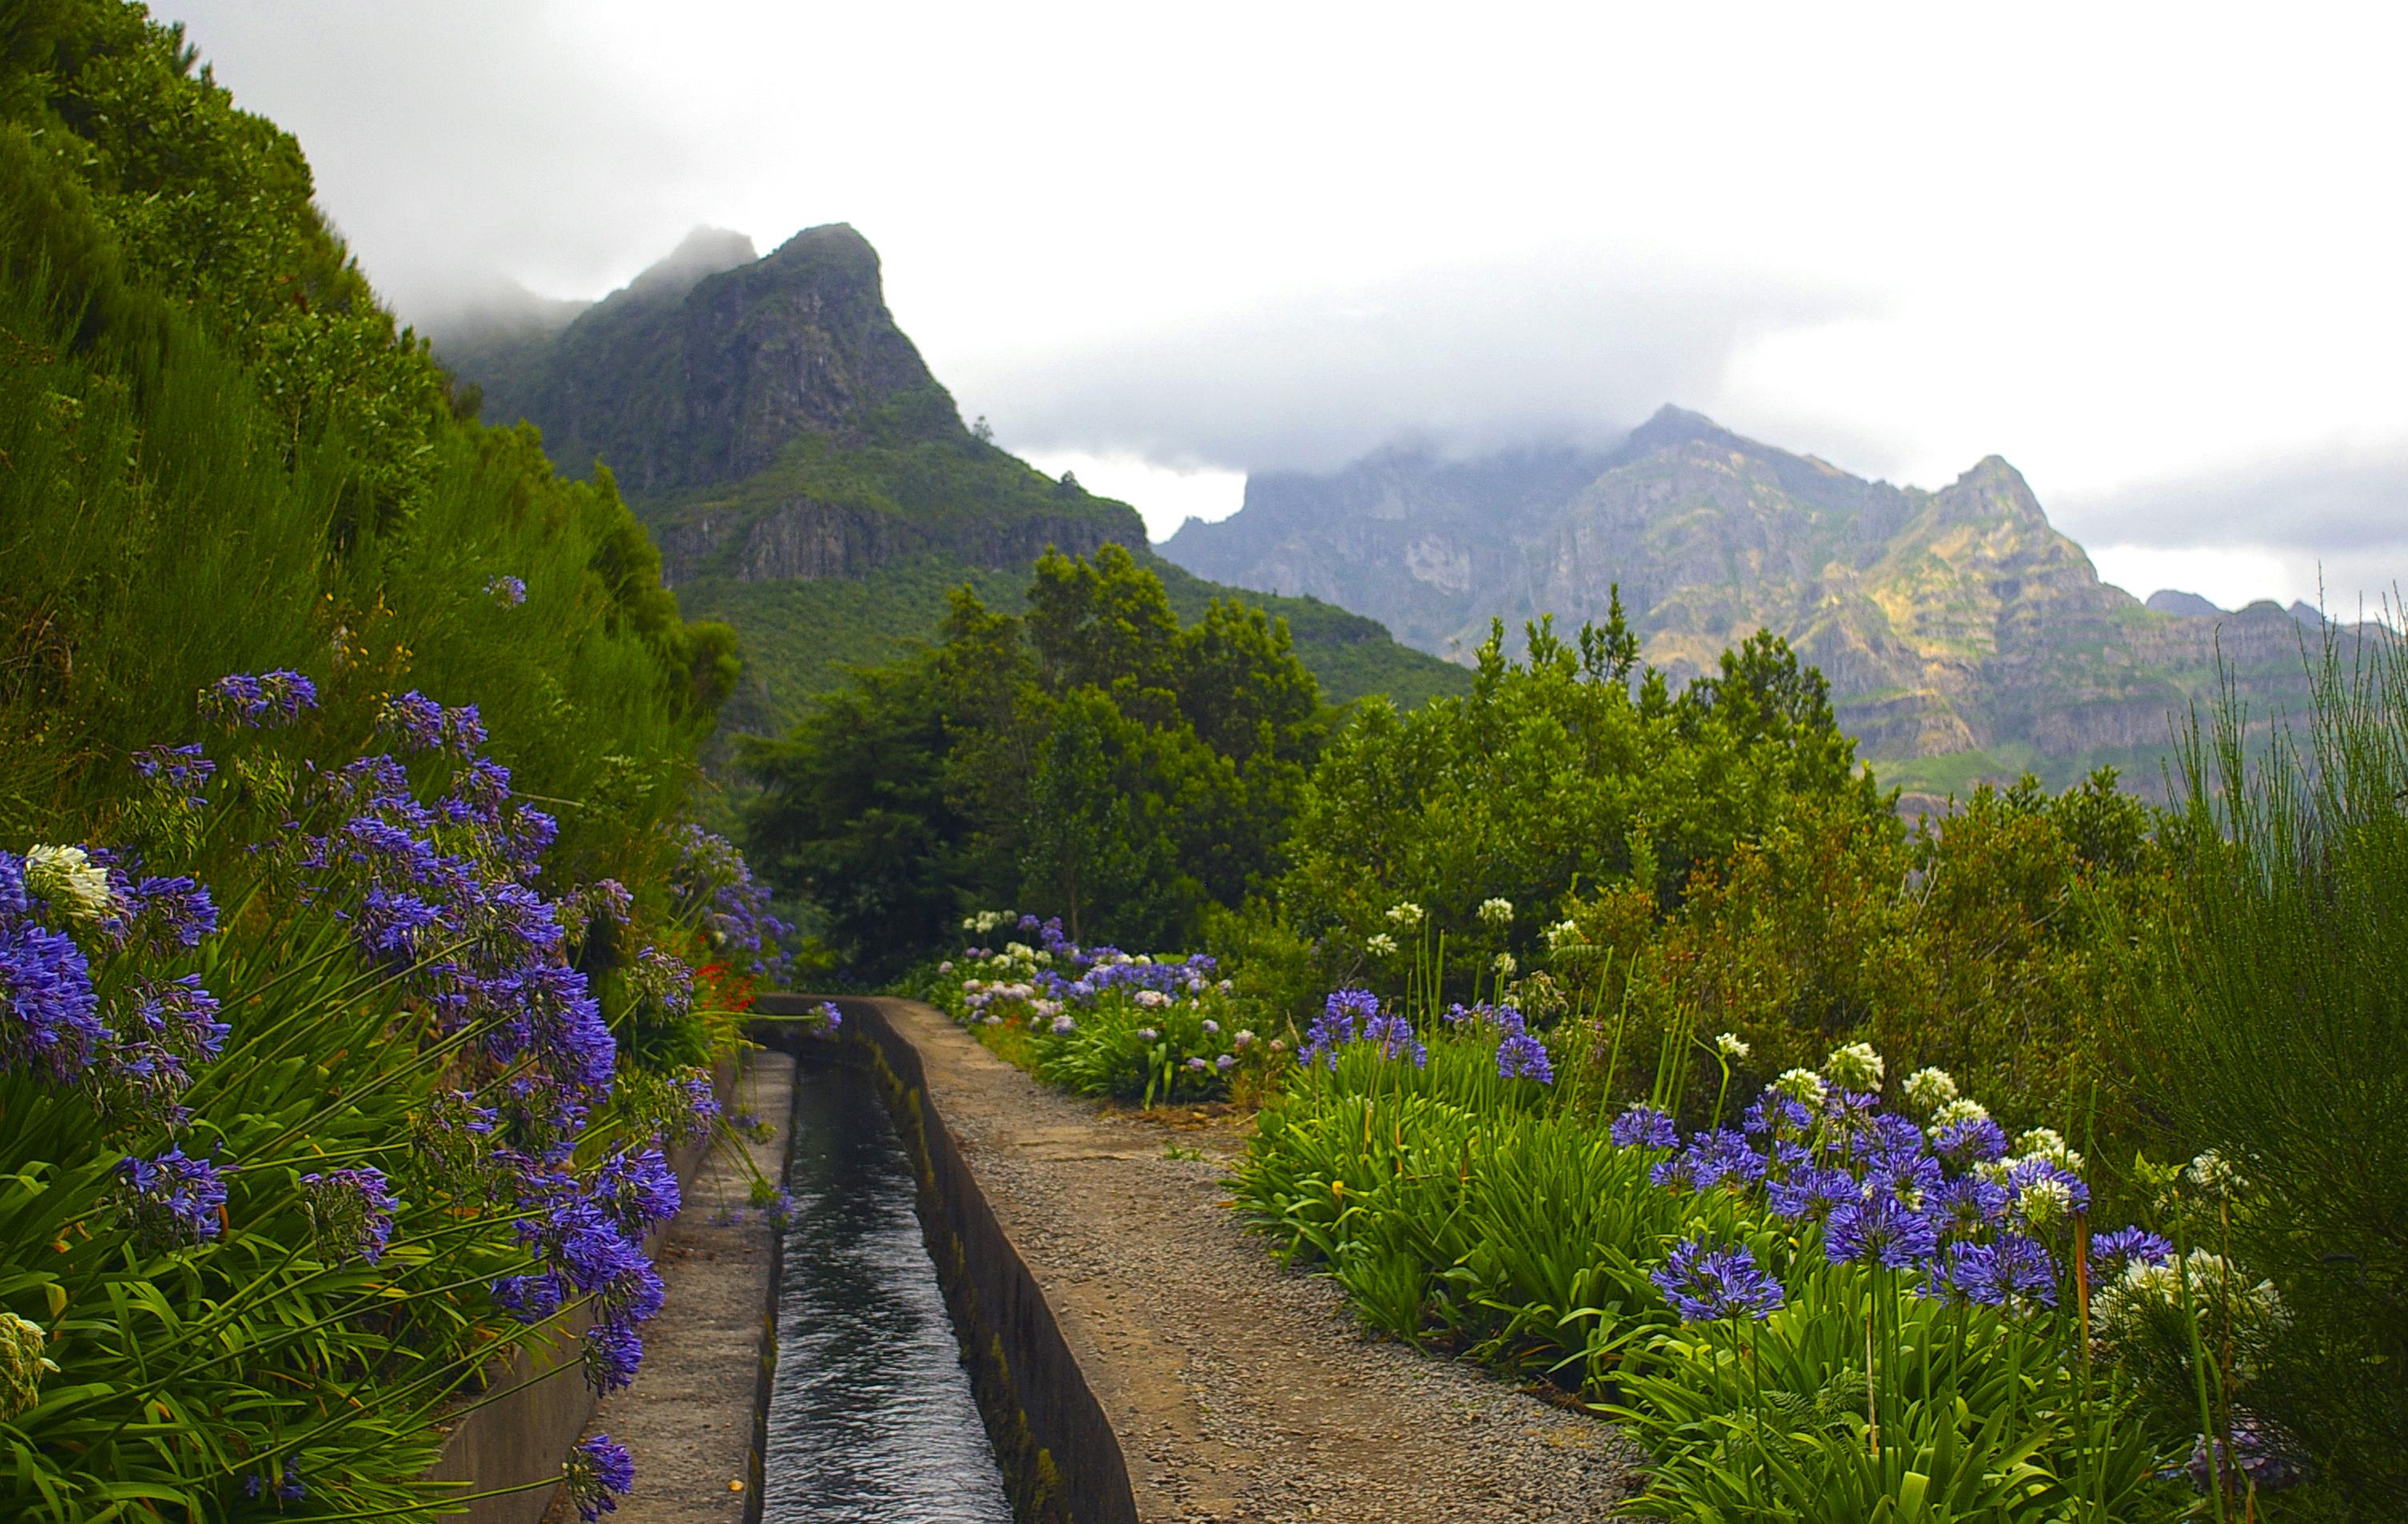 Date un paseo con unas vistas únicas por las levadas - Portugal Circuito Madeira a fondo